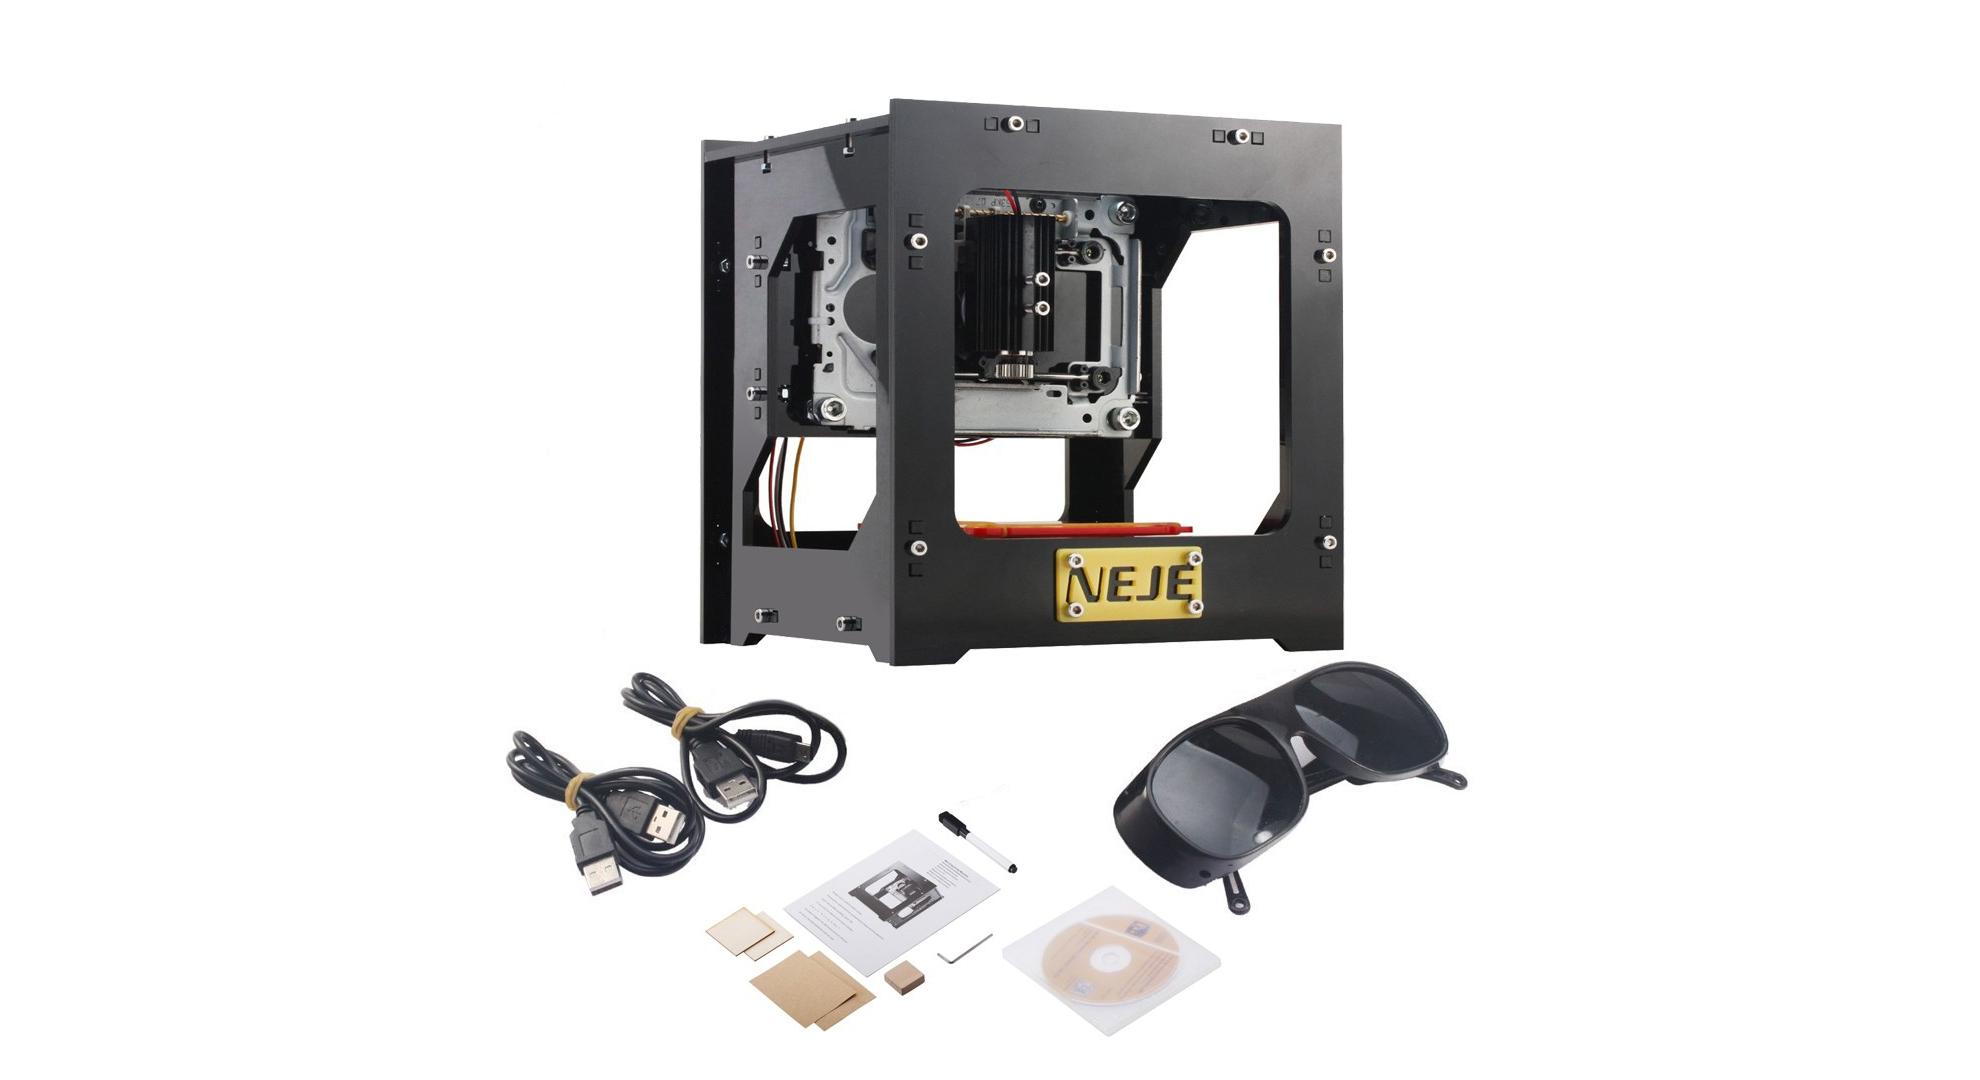 Laserový přístroj nyní ve slevě jen za 1 600 Kč a s dopravou zdarma! [sponzorovaný článek]